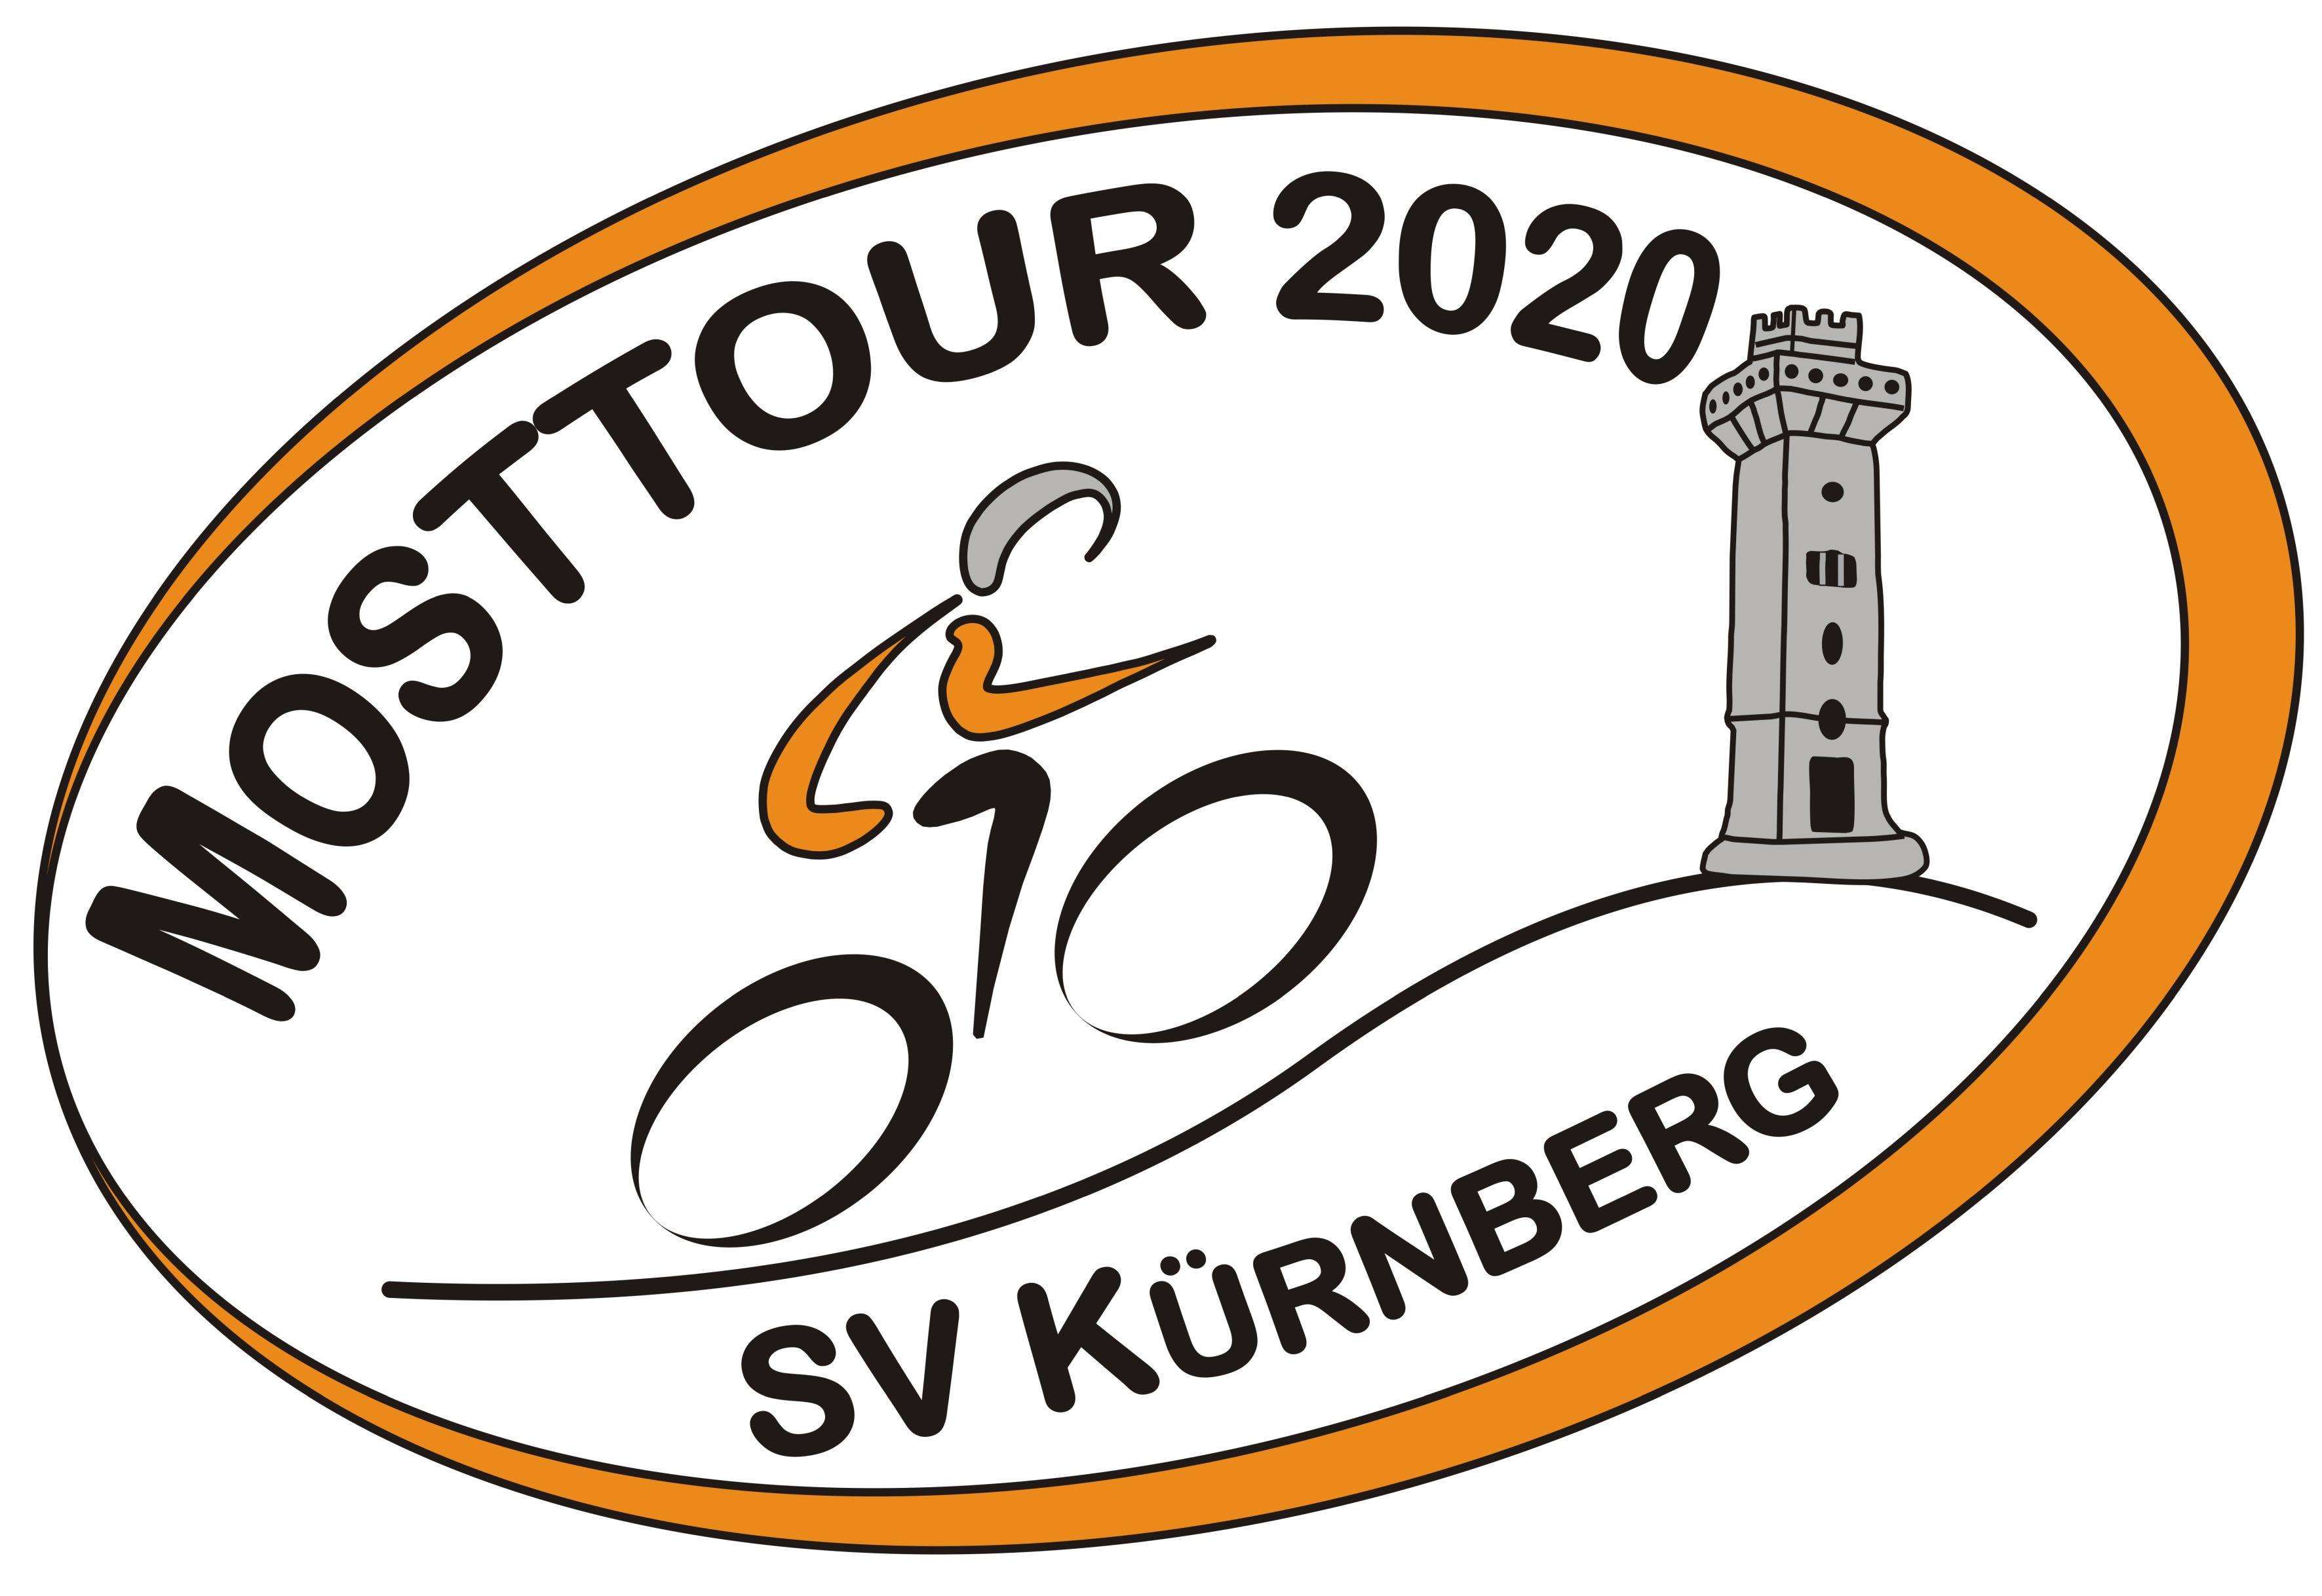 Mosttour 2020